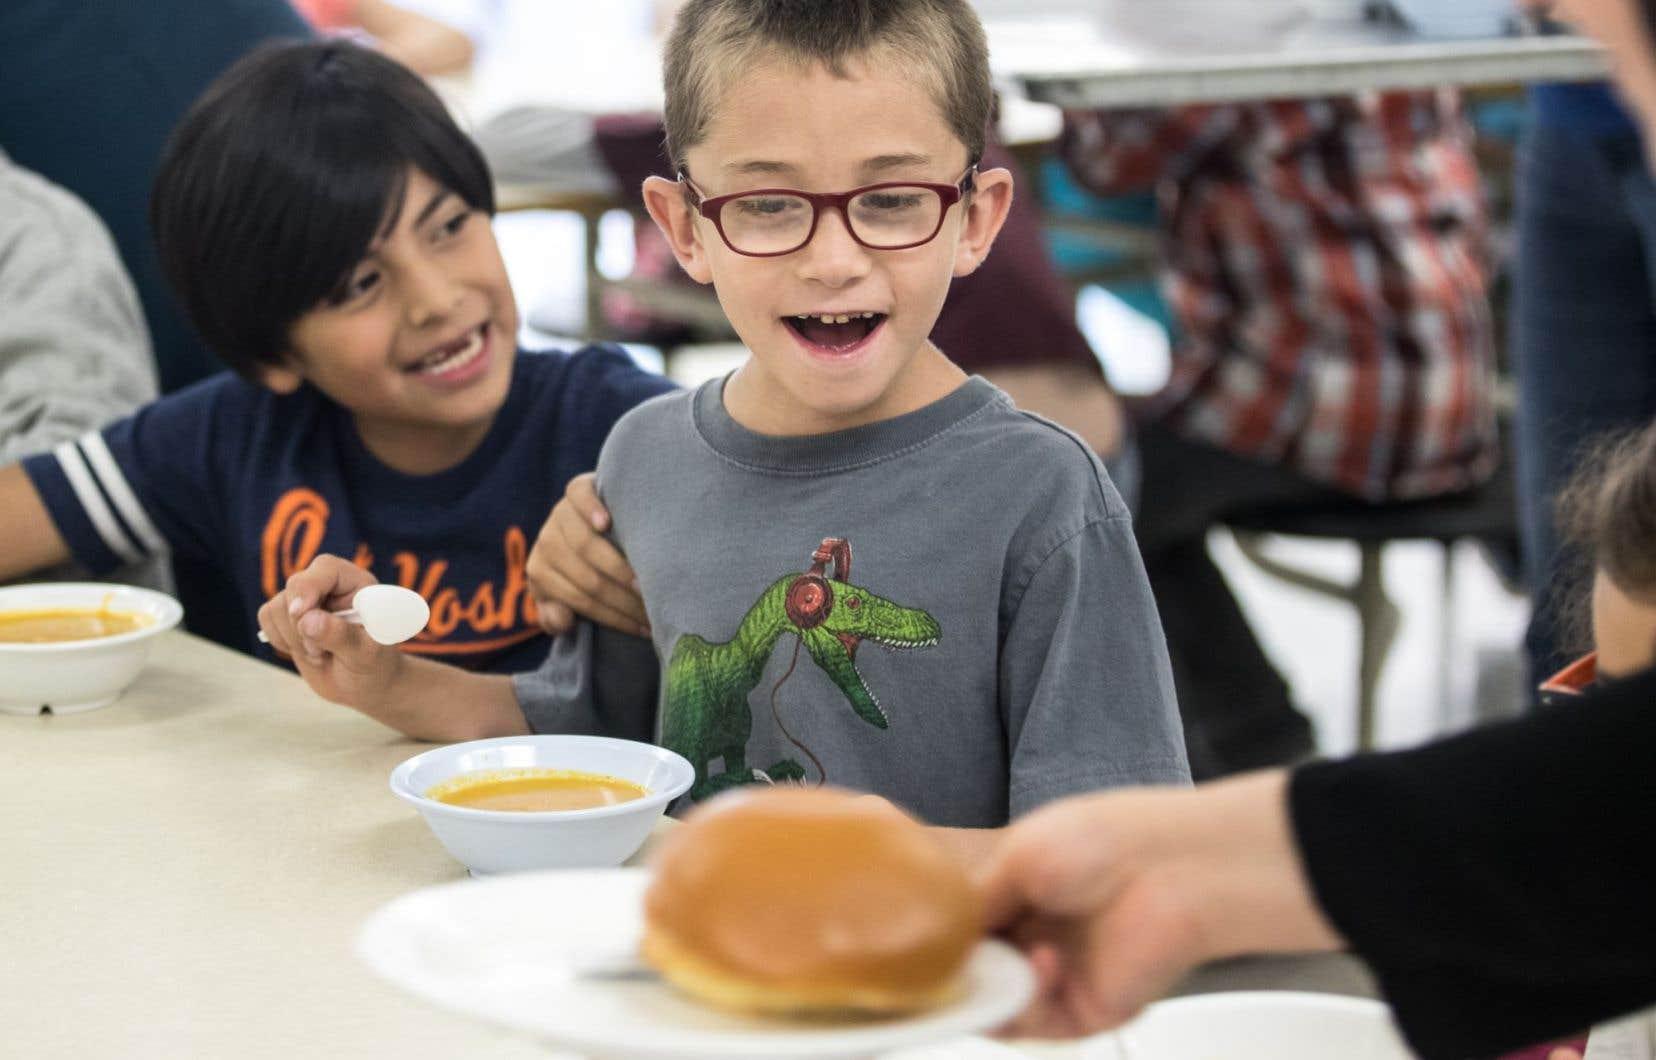 Ces enfants semblent apprécier le repas qui leur est servi à l'école Charles-Lemoyne, dans le quartier Pointe-Sainte-Charles à Montréal.